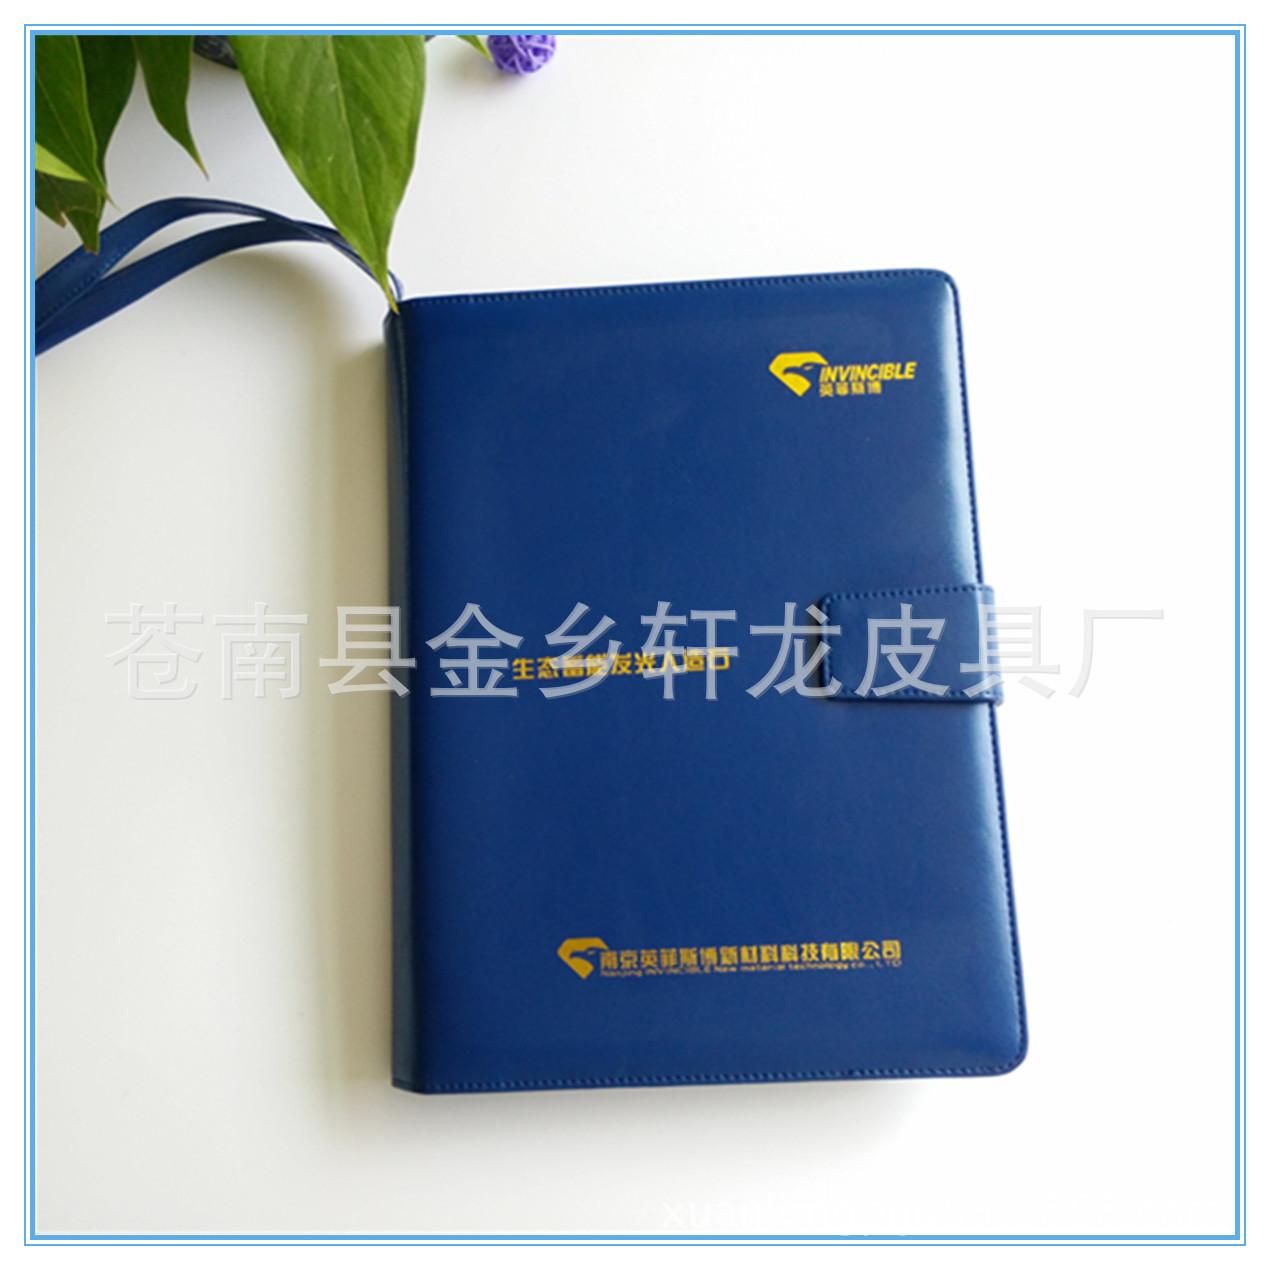 设计墙纸壁画蓝色皮质样册外壳 文广类产品印刷 宣传册